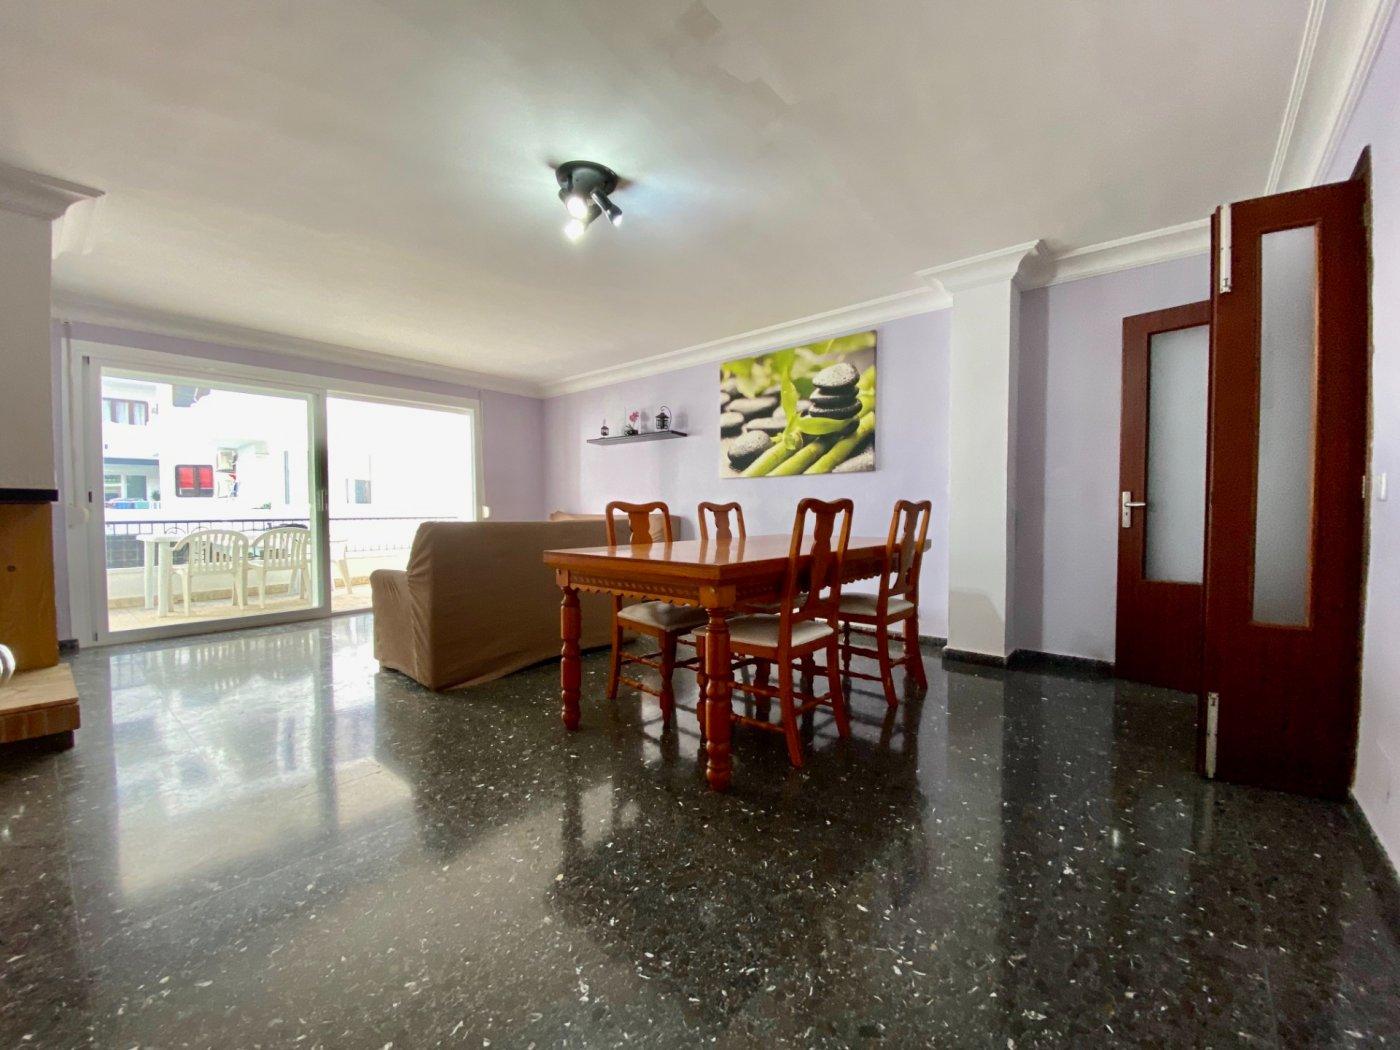 Espacioso piso a la venta en puerto pollensa - imagenInmueble2